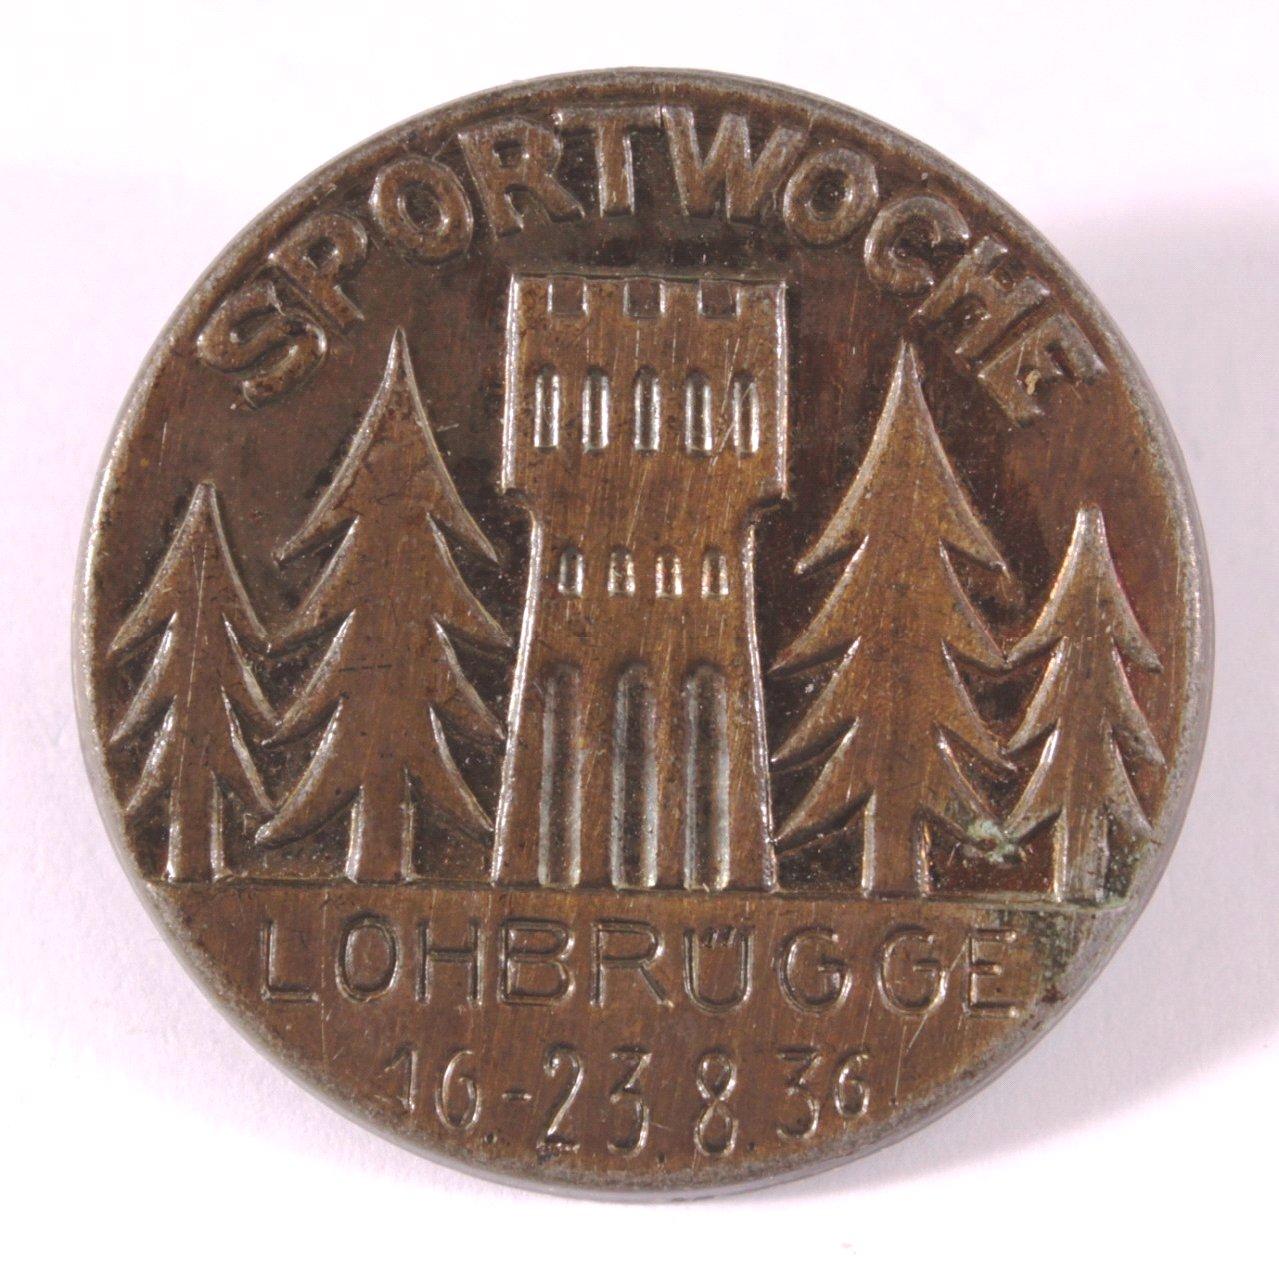 Anstecker Sportwoche Lohbrügge 16.-23.8.1936